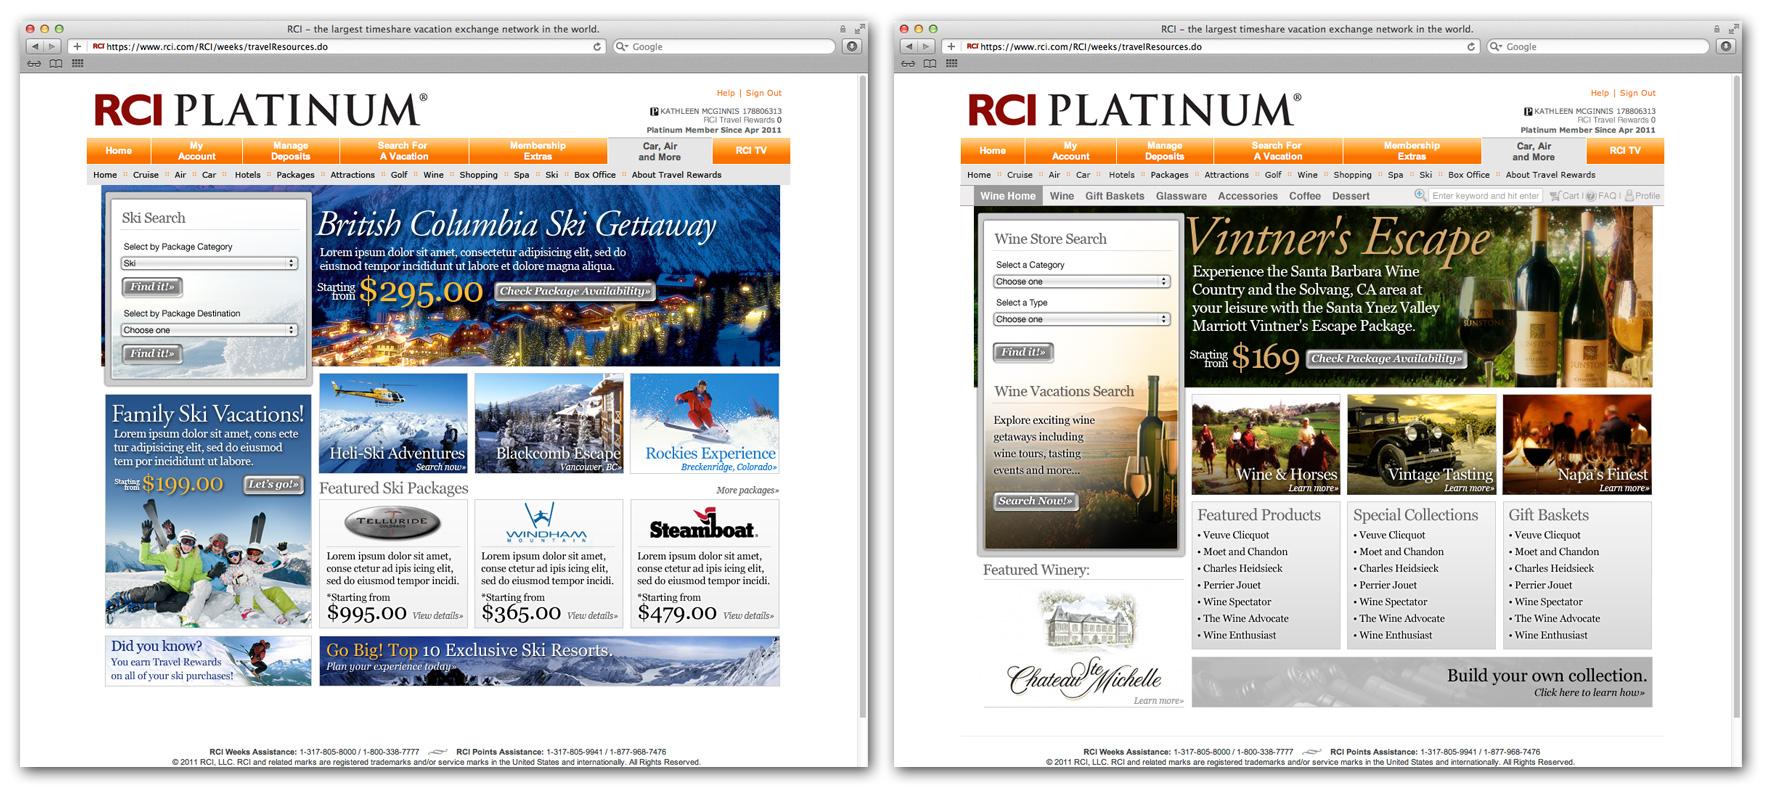 RCI-Platinum-8